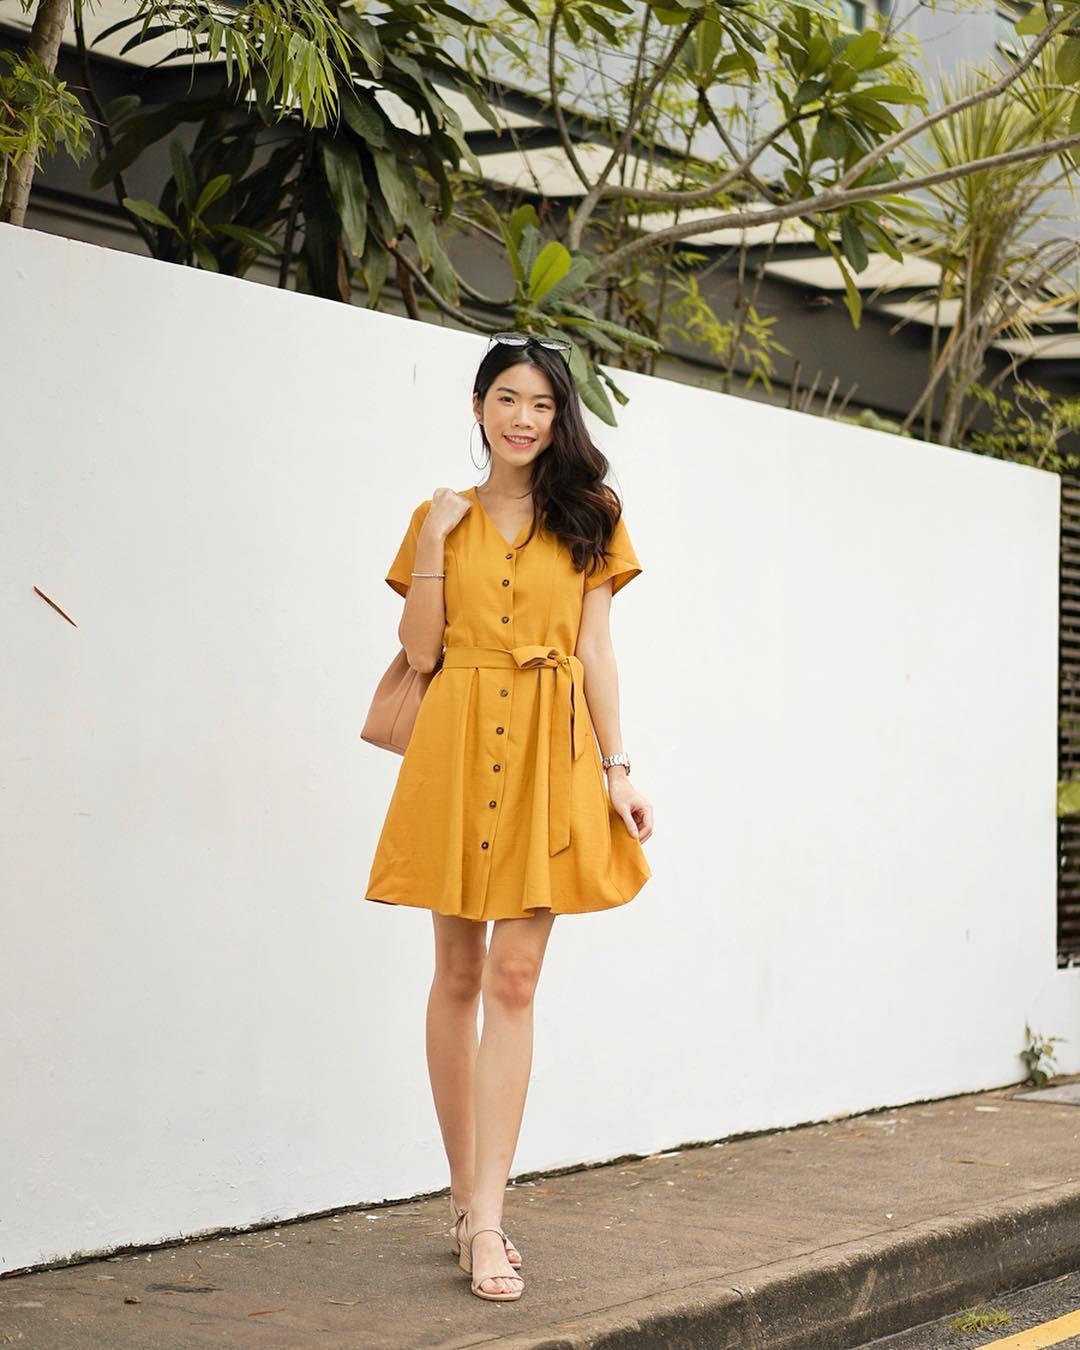 Nàng nào diện váy cũng rất xinh nhưng nếu áp dụng 4 tips sau, vẻ ngoài sẽ càng thêm thanh mảnh và hút mắt - Ảnh 10.